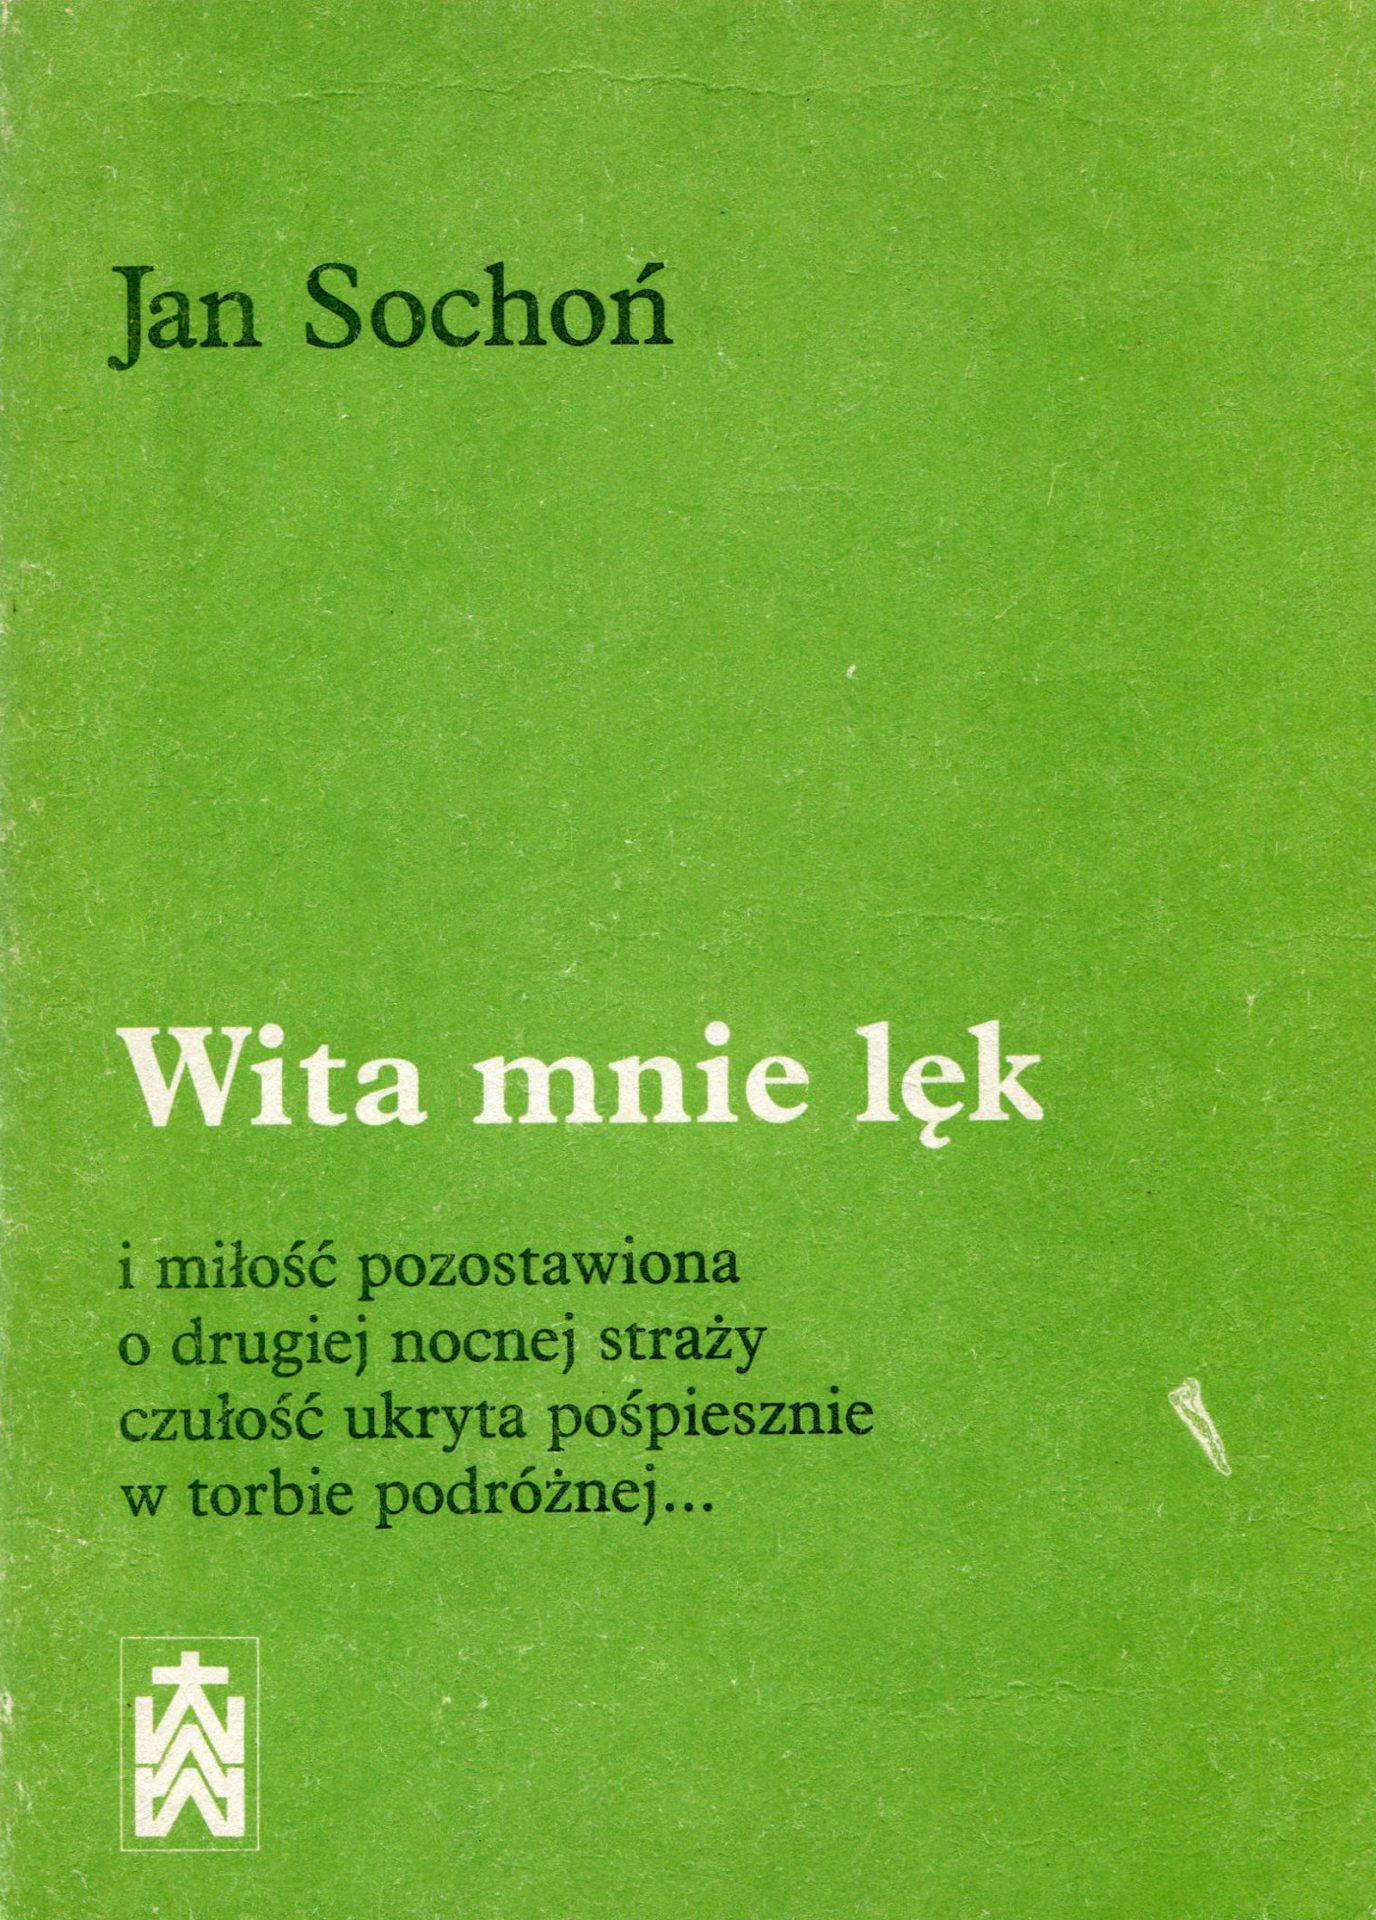 Wita mnie lęk... - Jan Sochoń